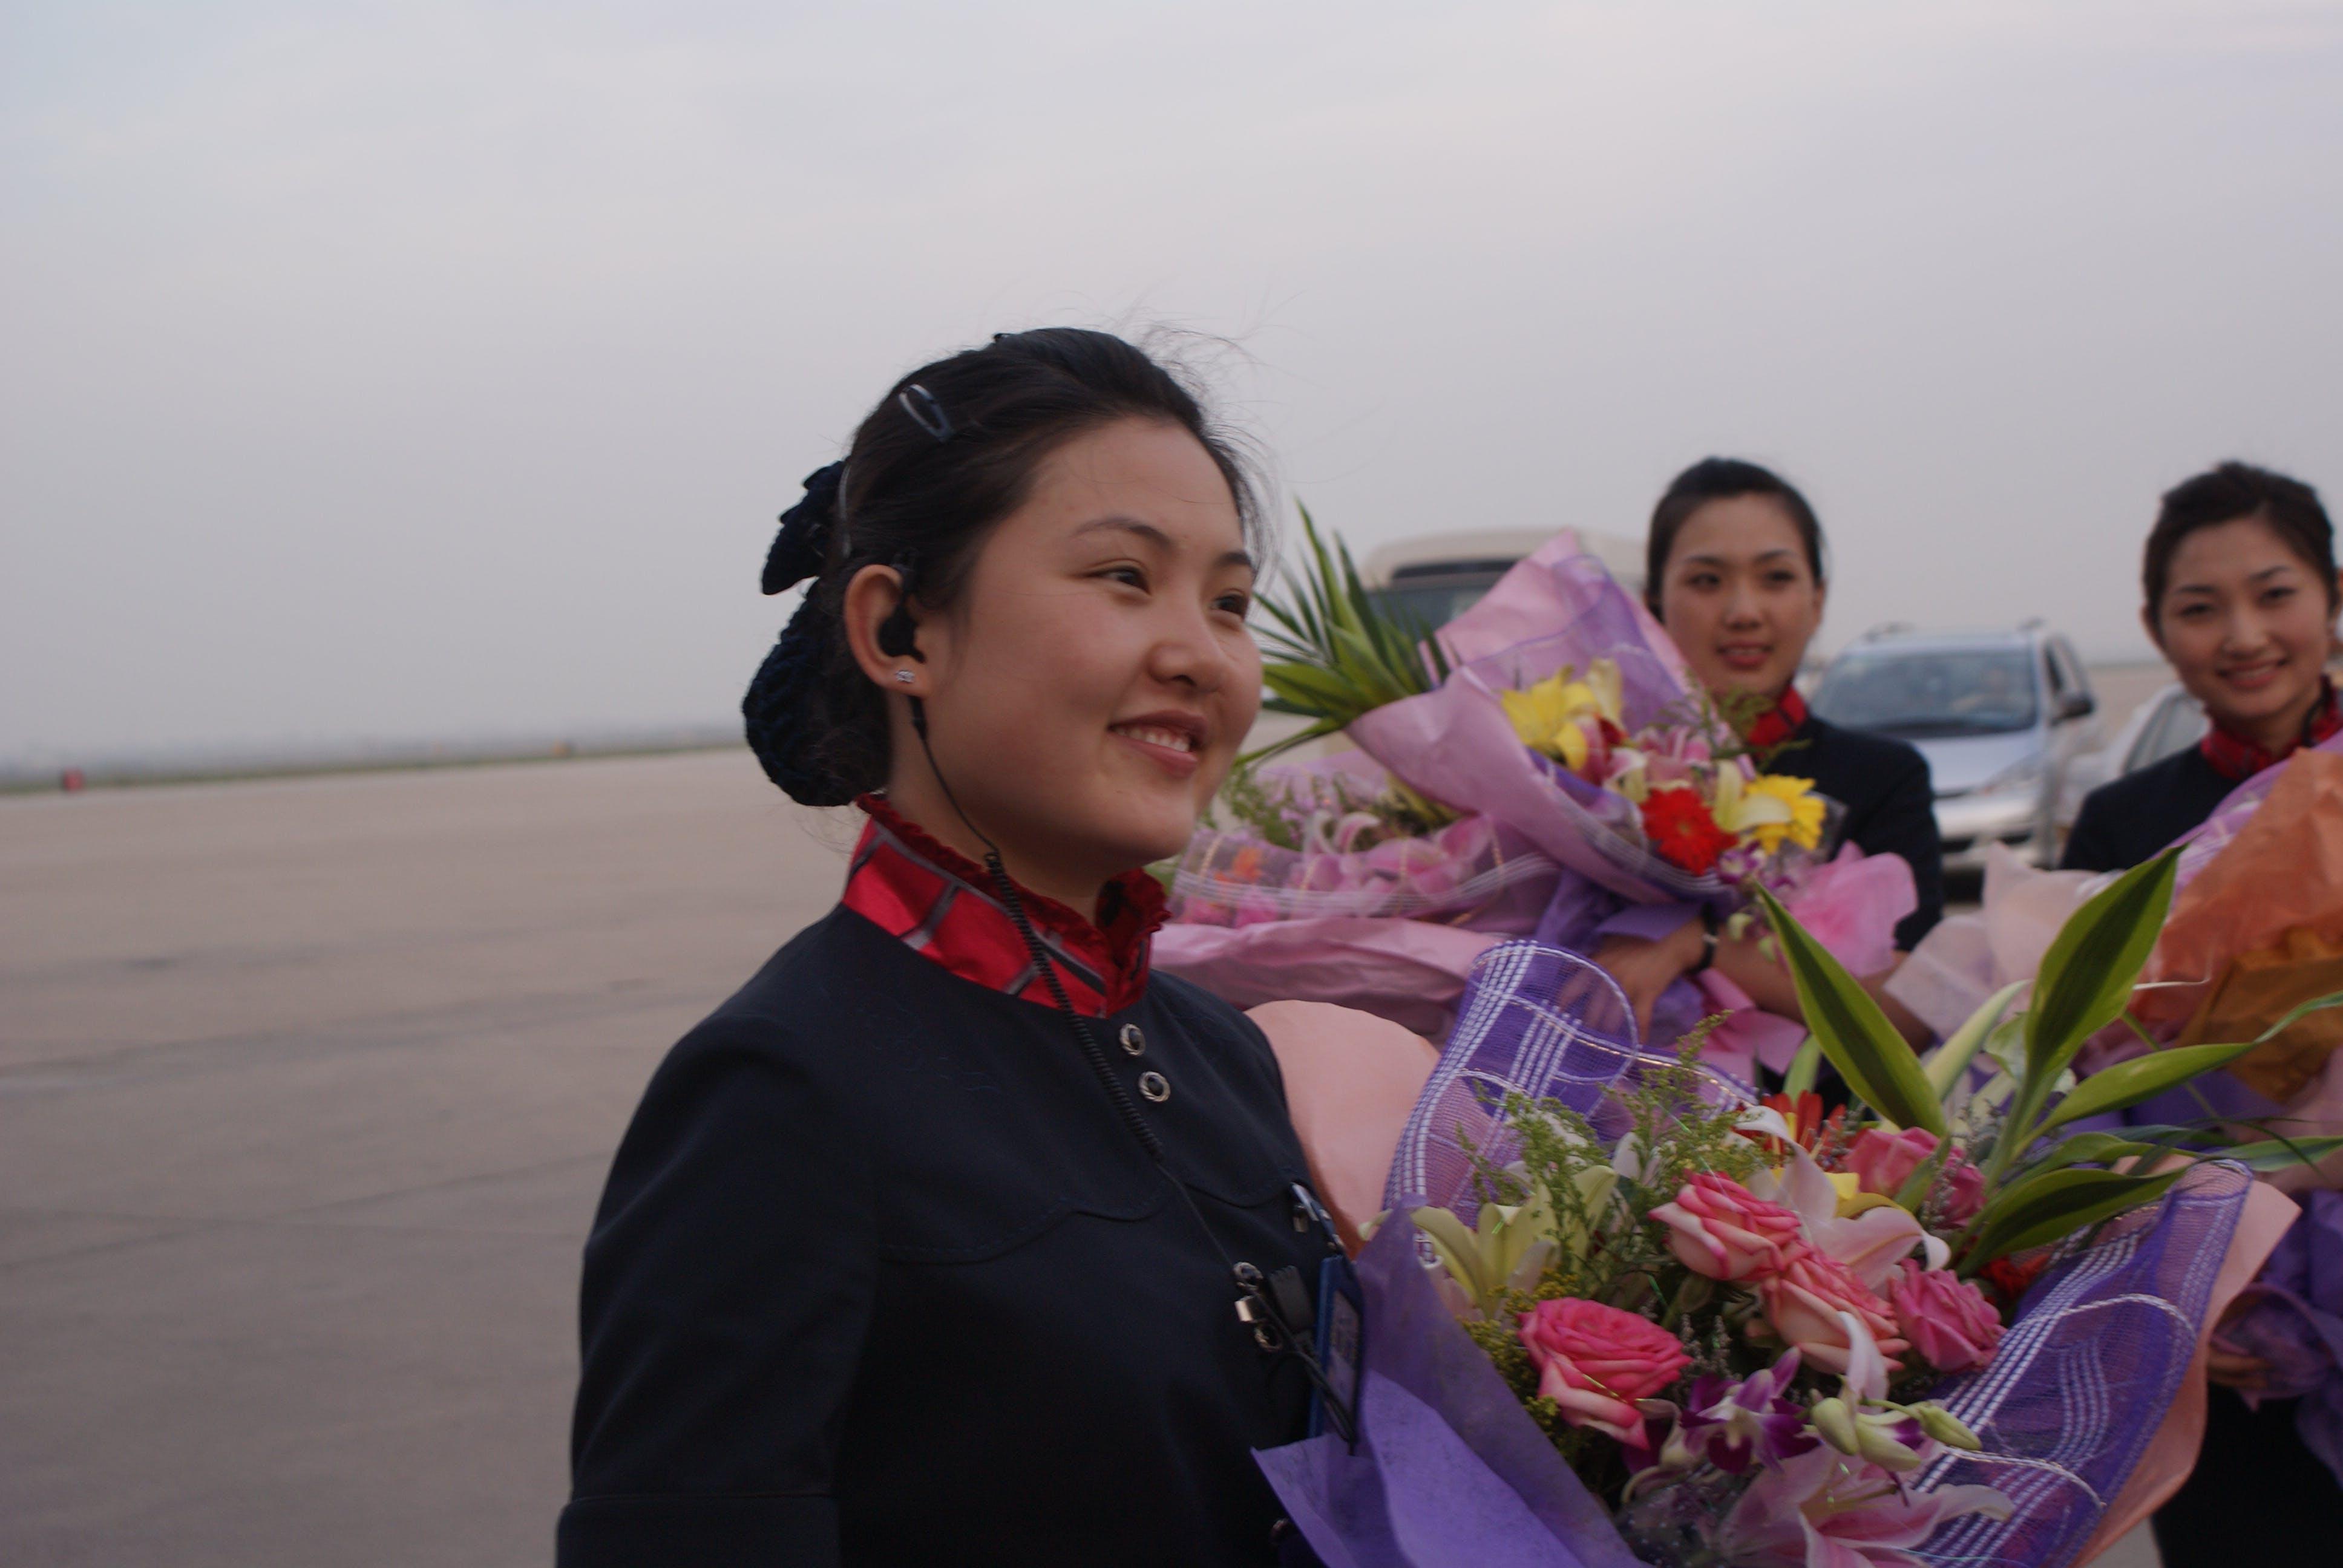 Free stock photo of Chinese flight attendants